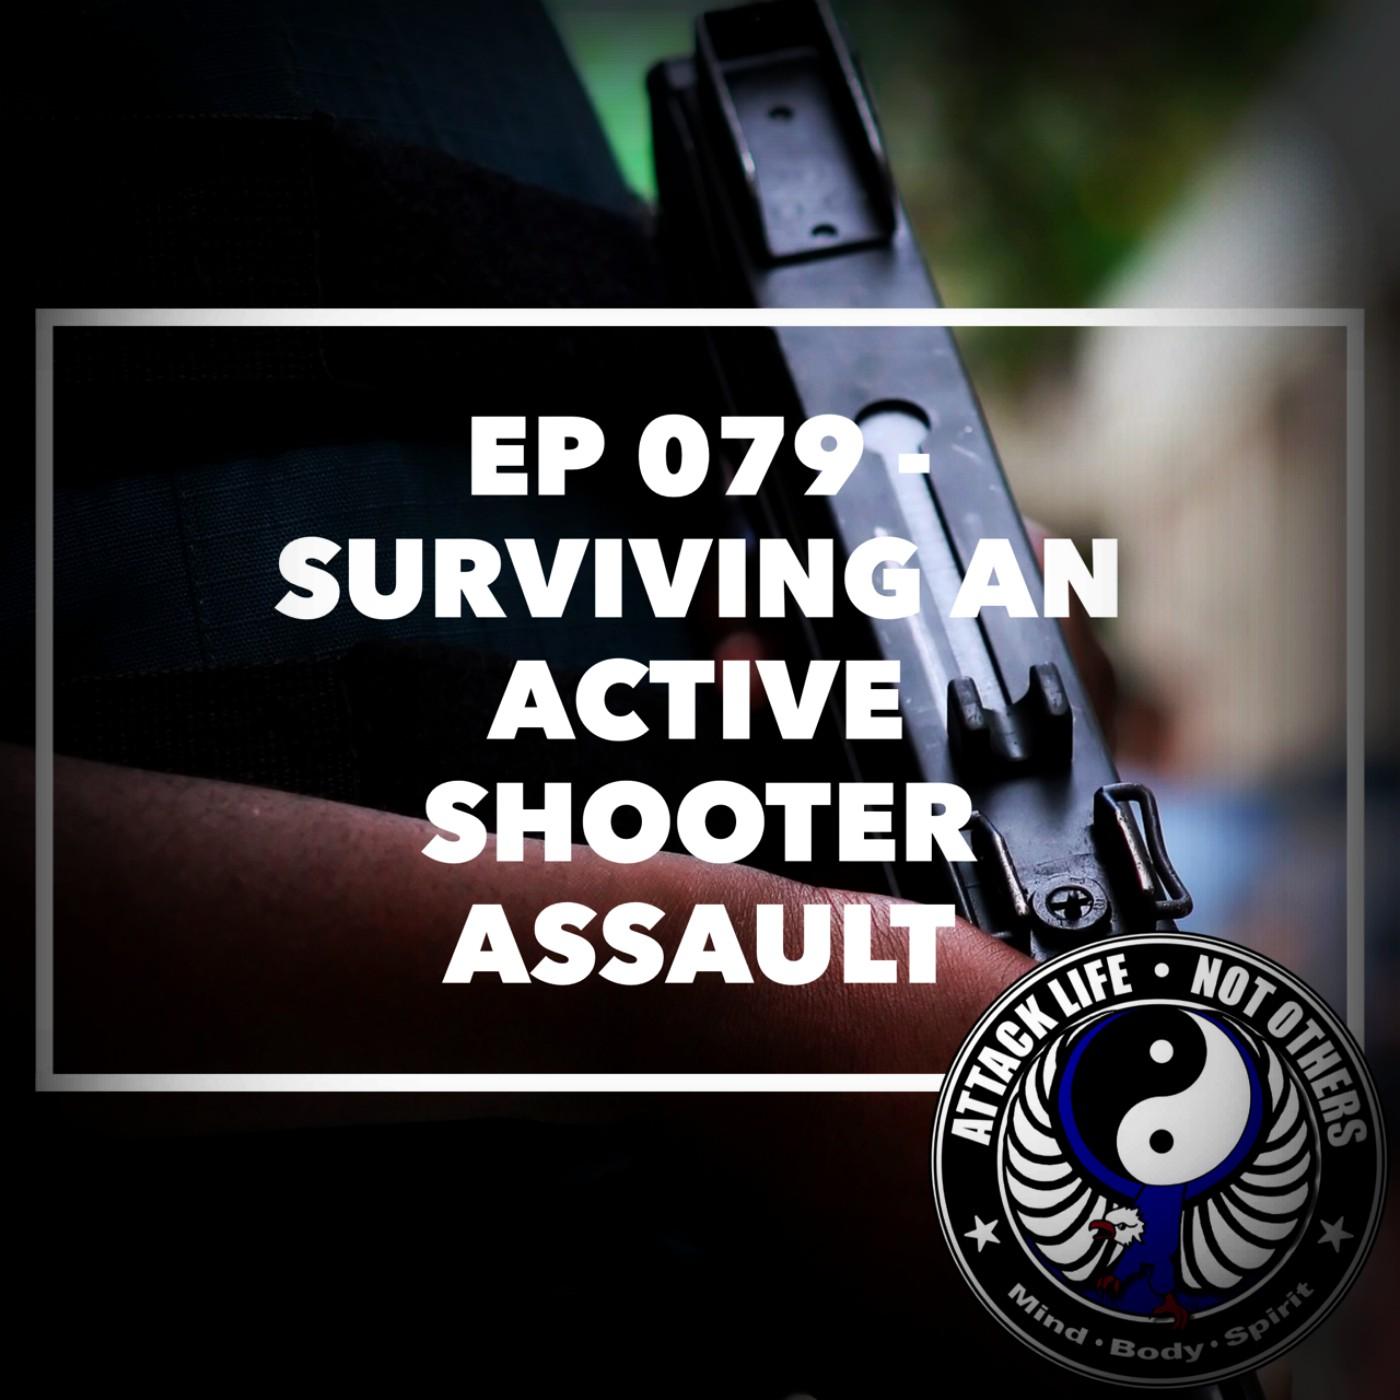 Artwork for Ep 079 - Surviving an Active Shooter Assault